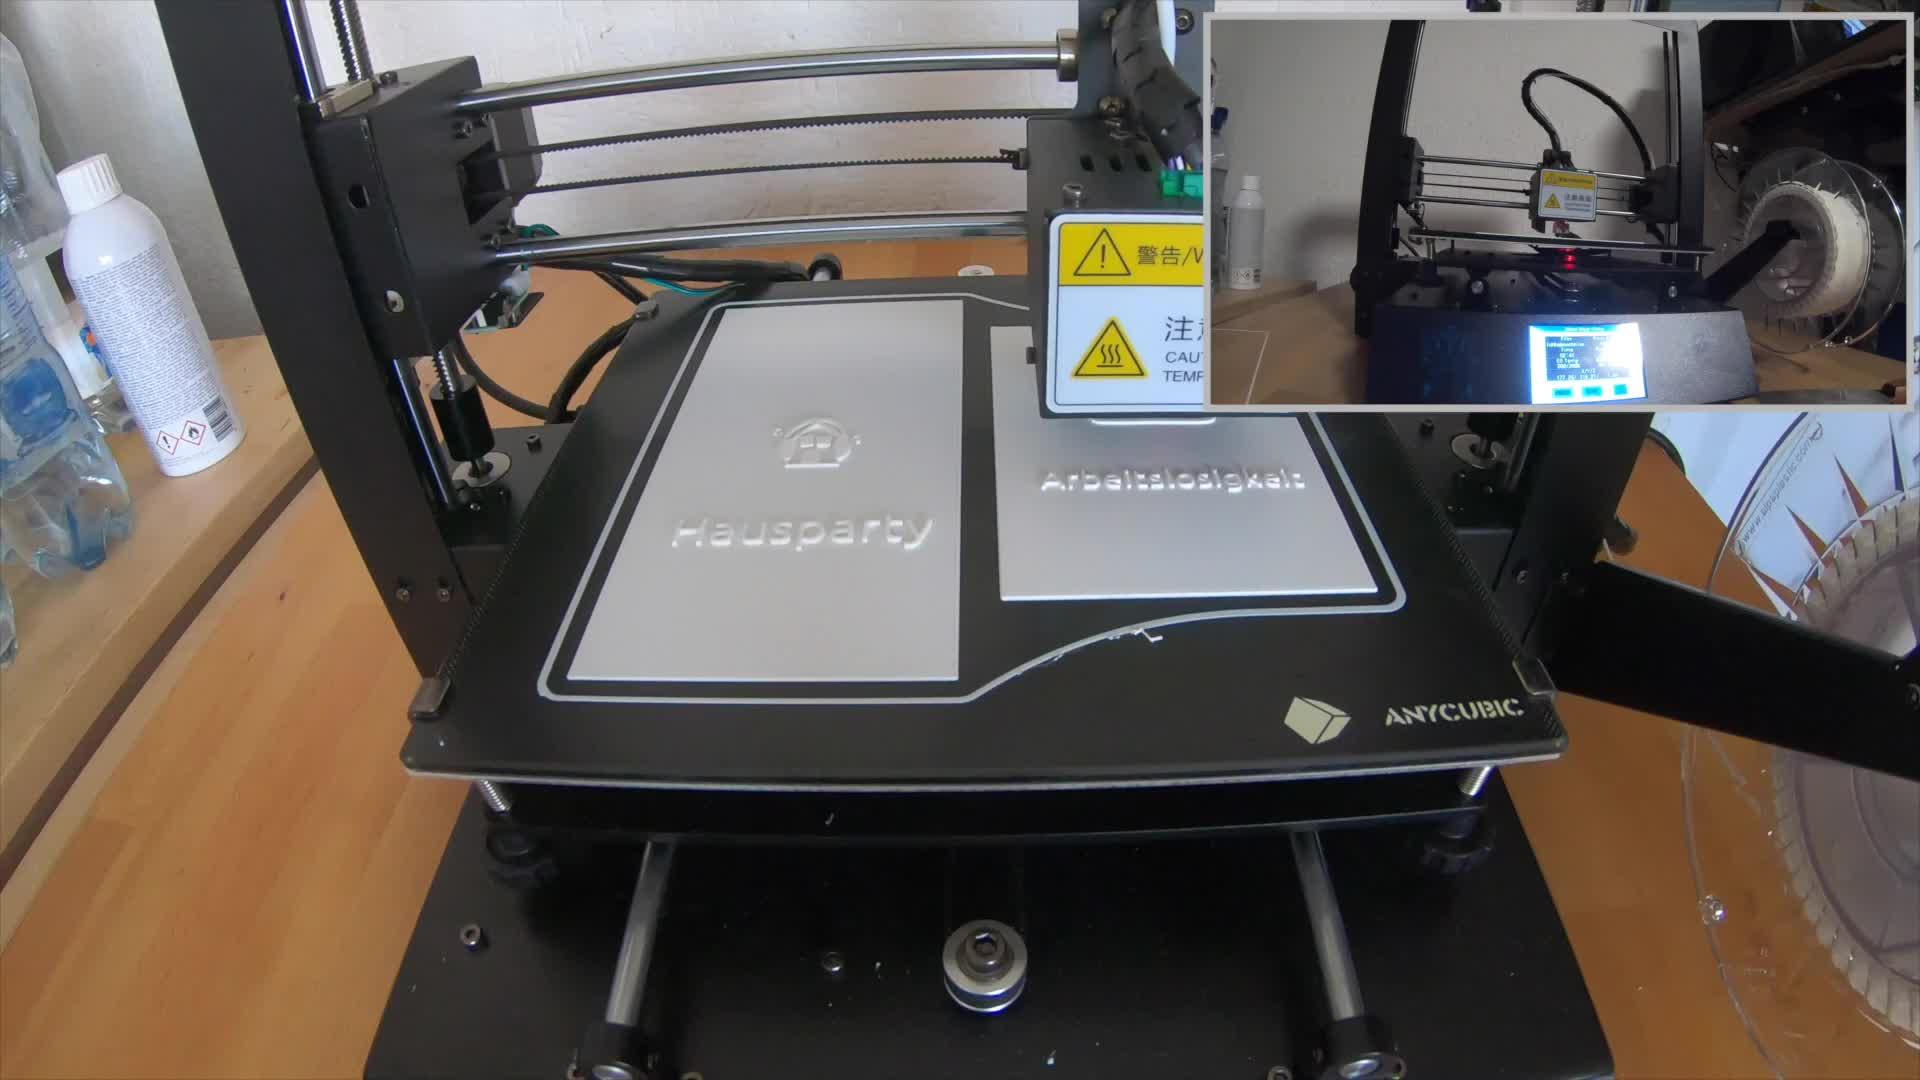 Test, 3D-Drucker, Timm Mohn, Anycubic, i3 Mega S